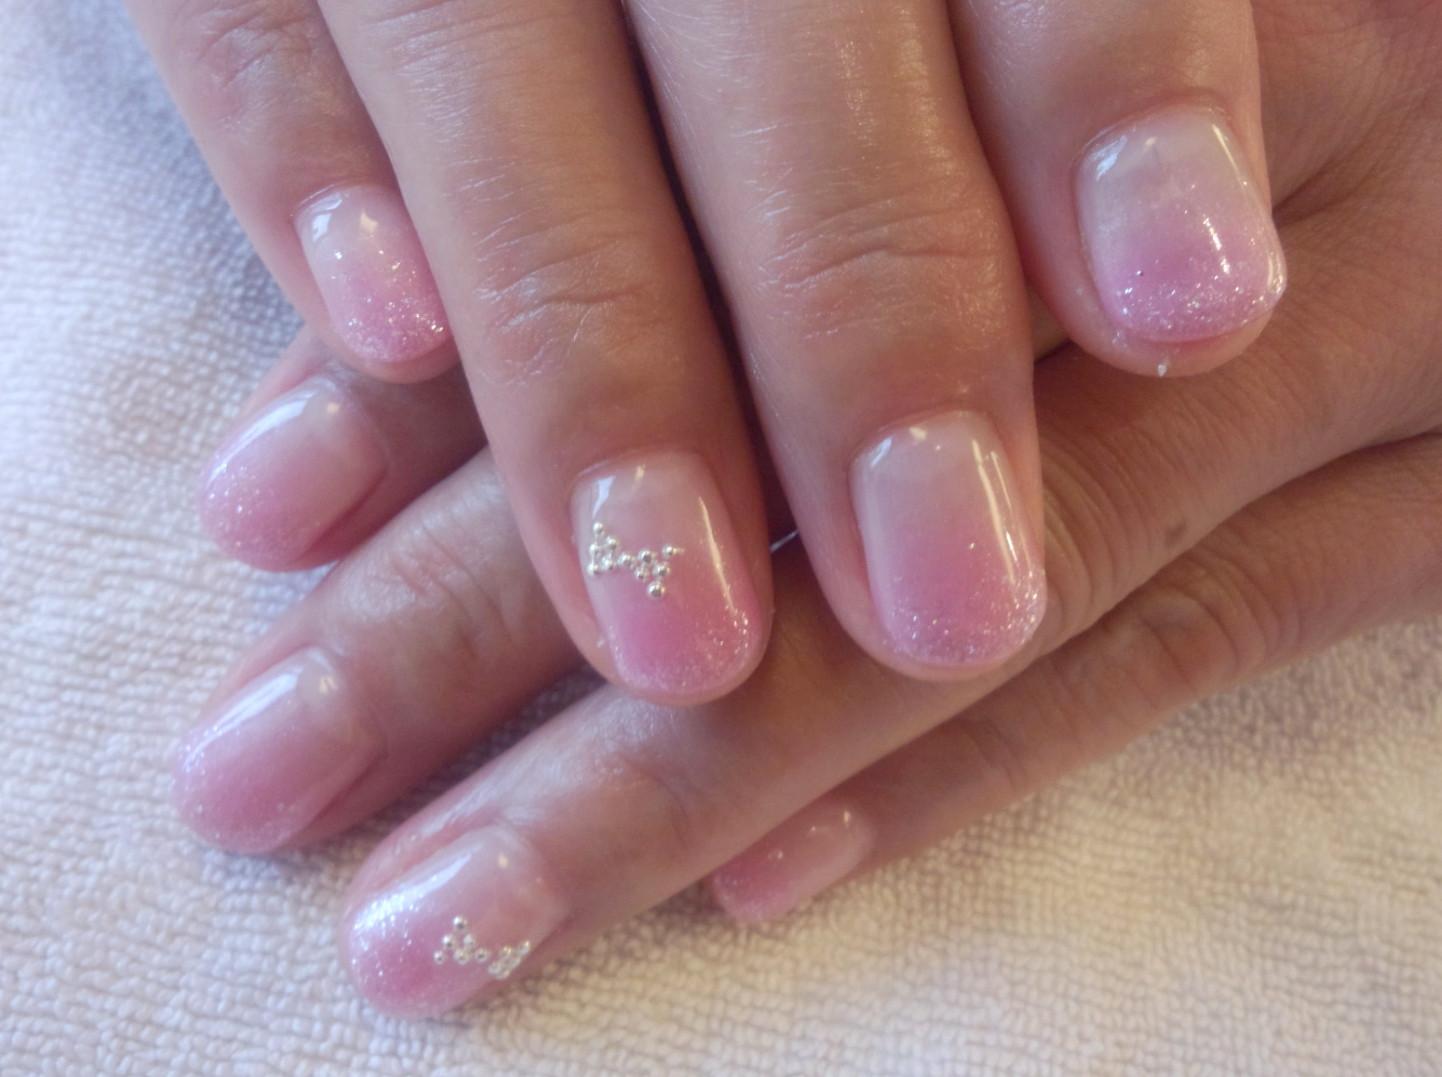 ピンク ネイル ネイル ピンクネイル カラーグラデーション ネイル画像 ネイルデザイン ネイルリボン